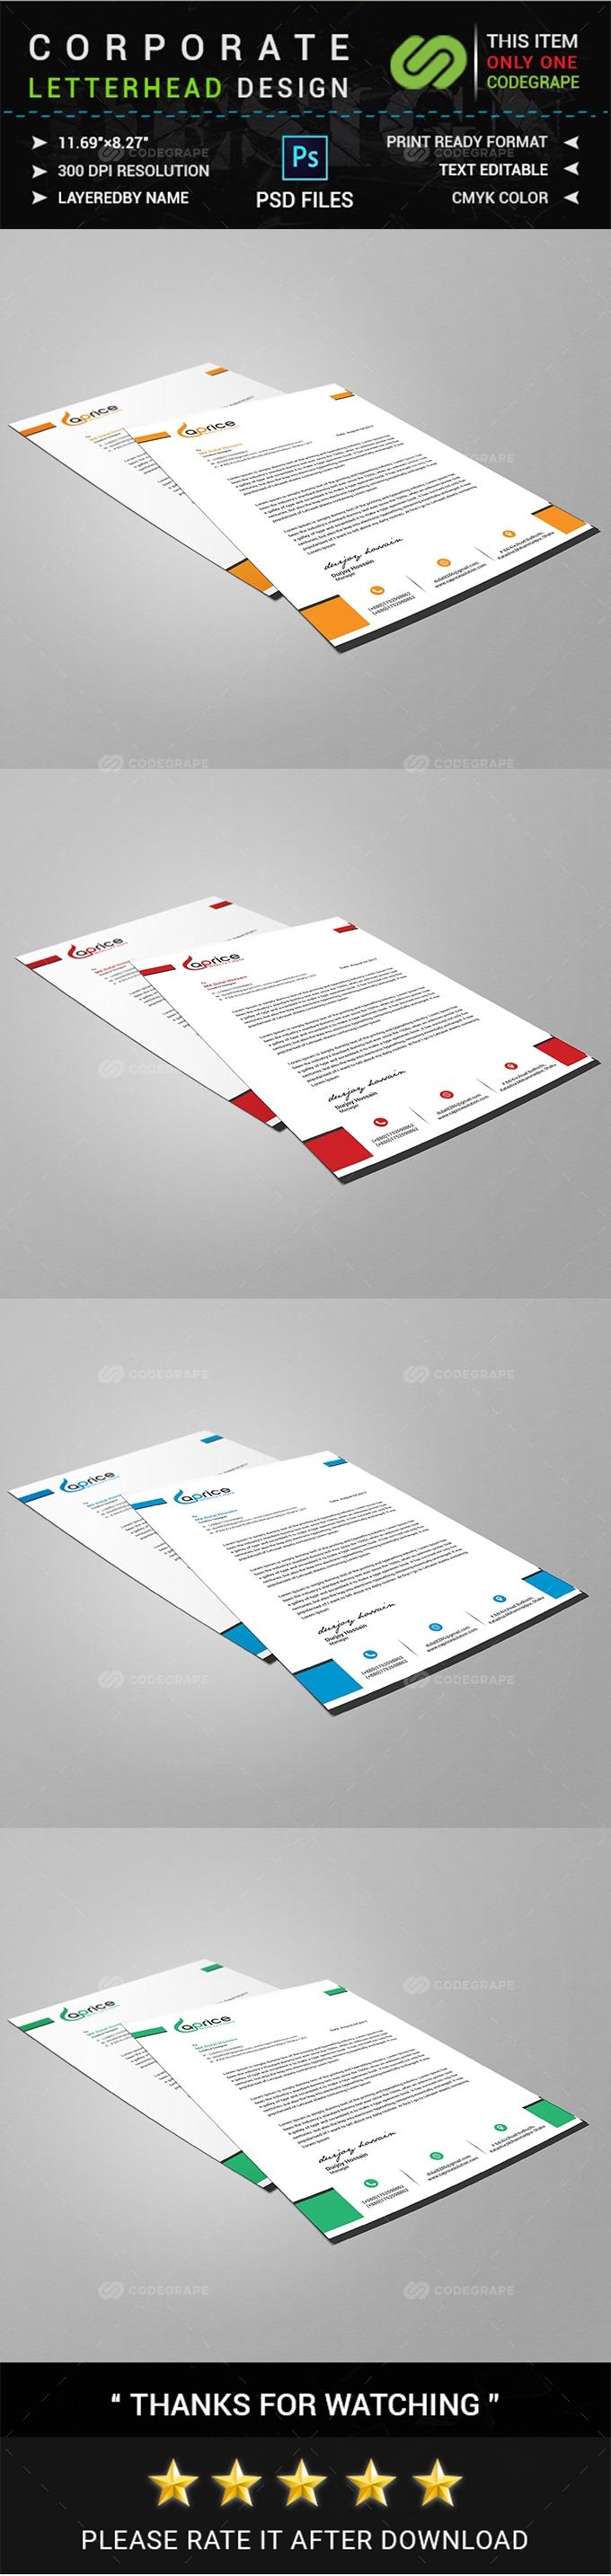 Corporate Letterhead Design Template Print – Corporate Letterhead